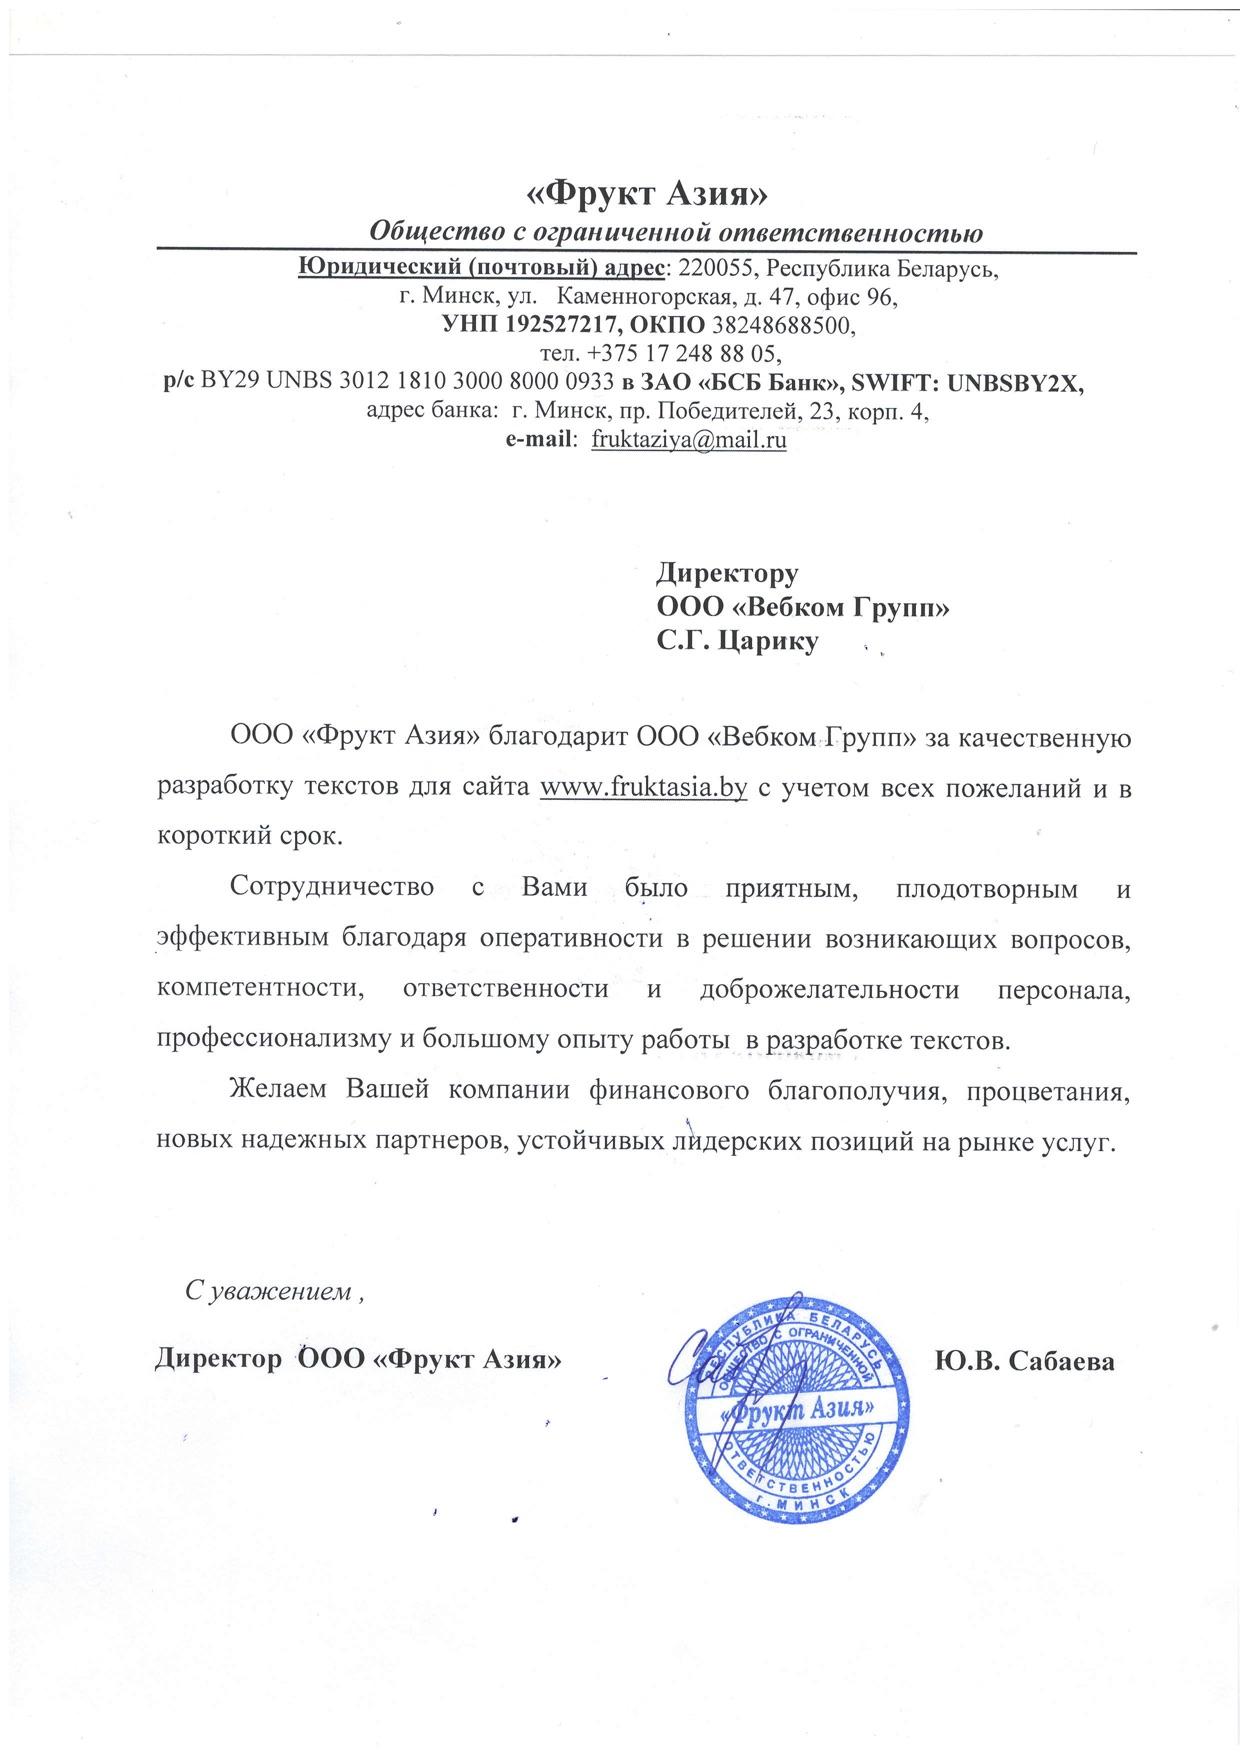 Директор ООО «Фрукт Азия»